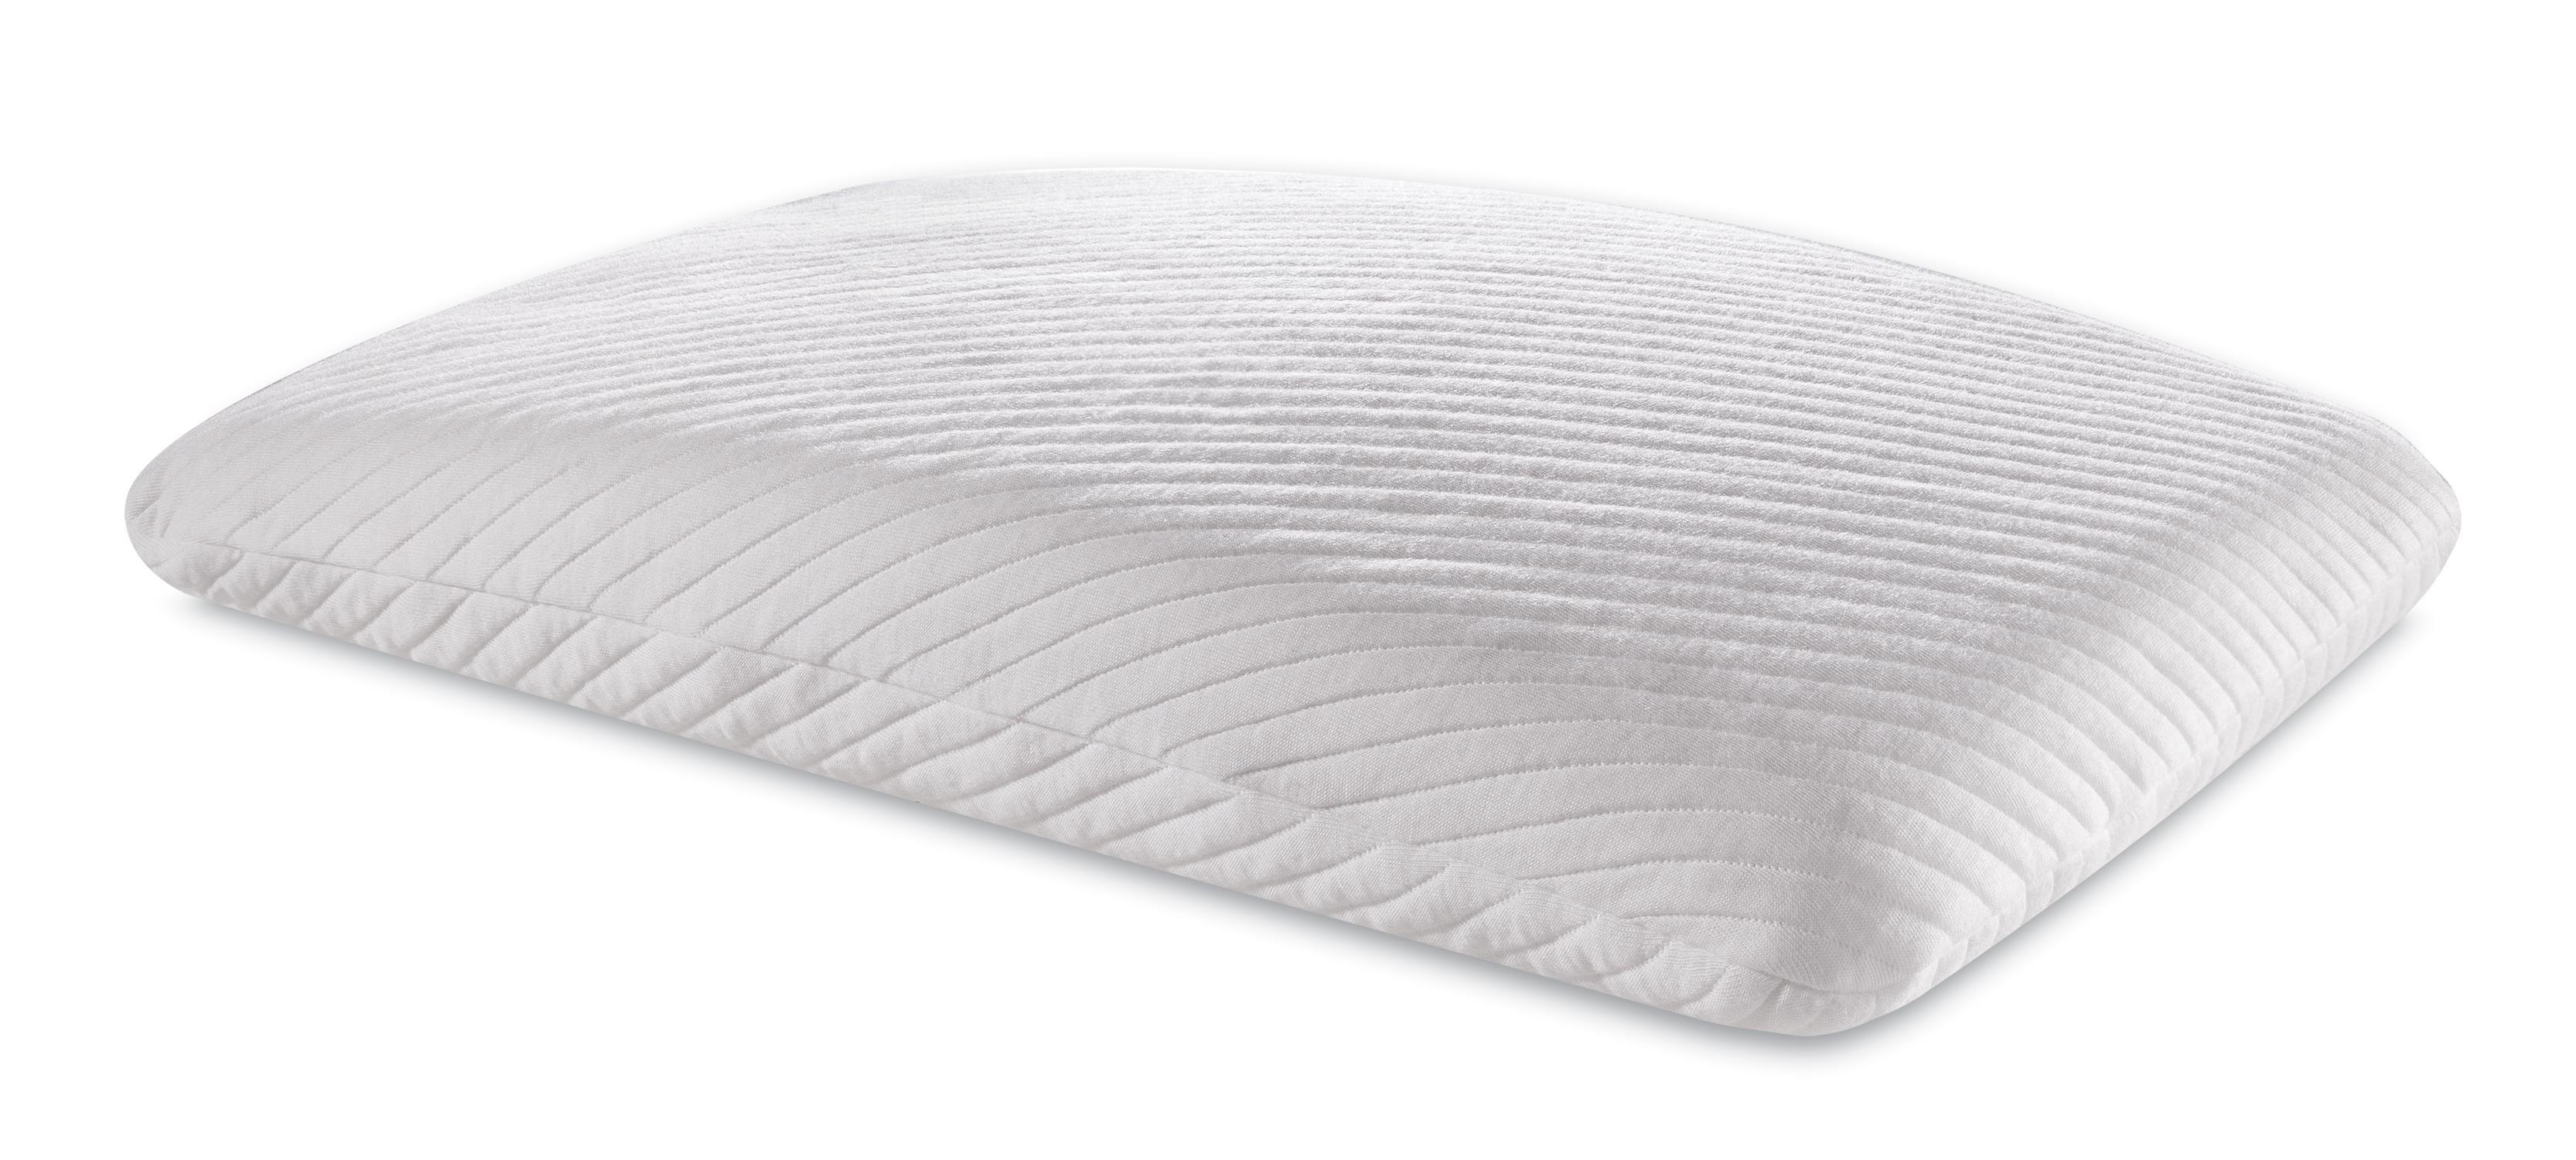 neck pillow gg groupon tempur deals pillows pedic tempurpedic latest